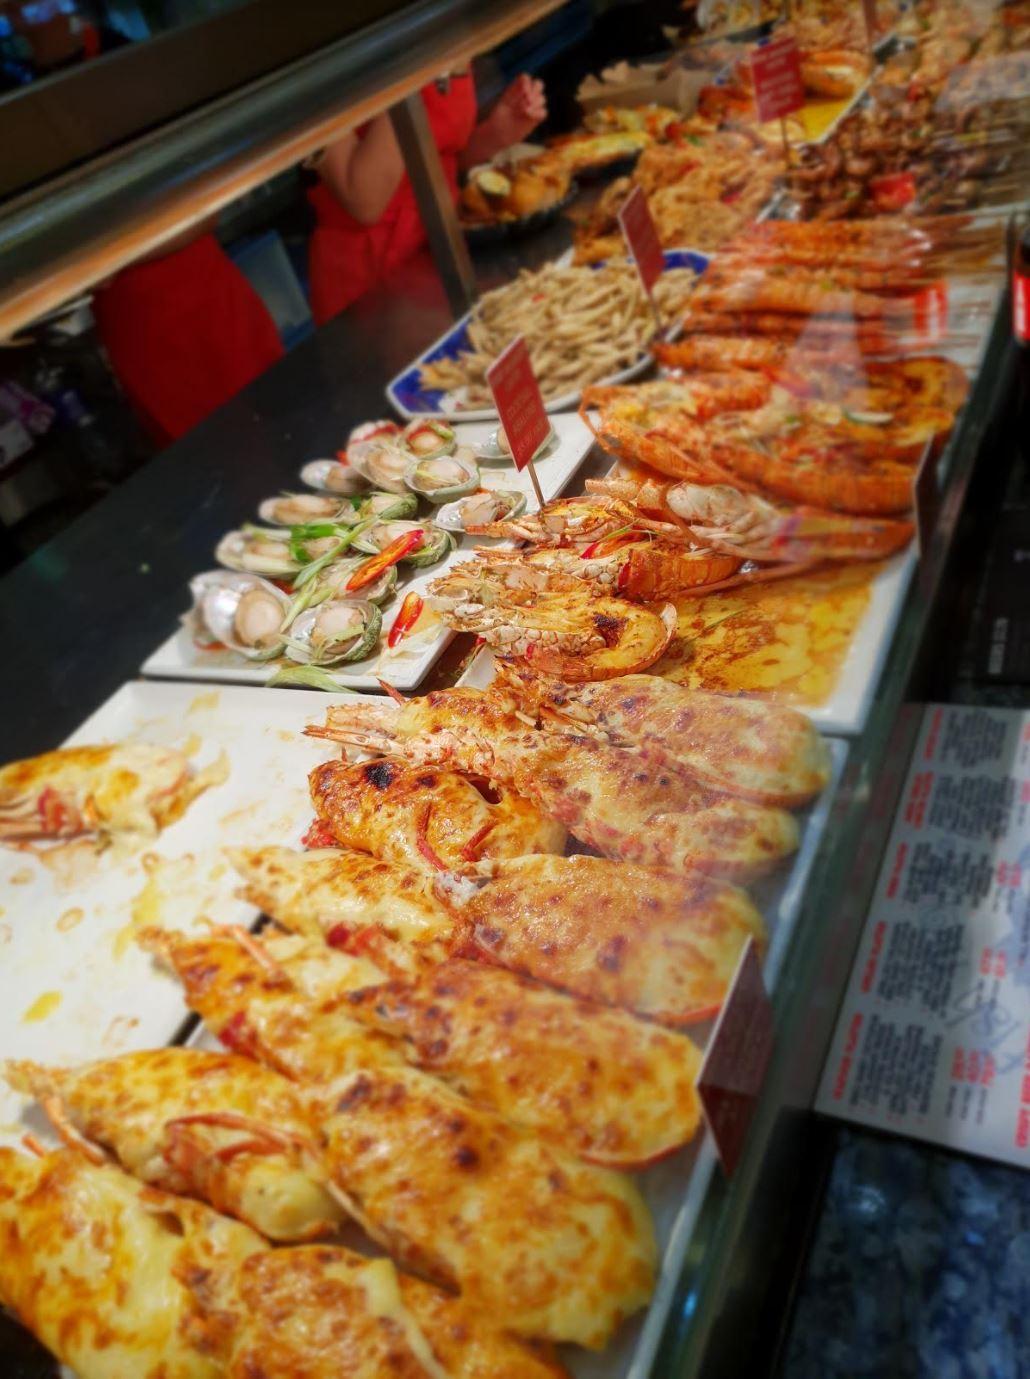 シドニー・フィッシュマーケット | ニューカッスル(ニューサウスウェールズ州)在住トモさんのおすすめグルメ・食事スポット